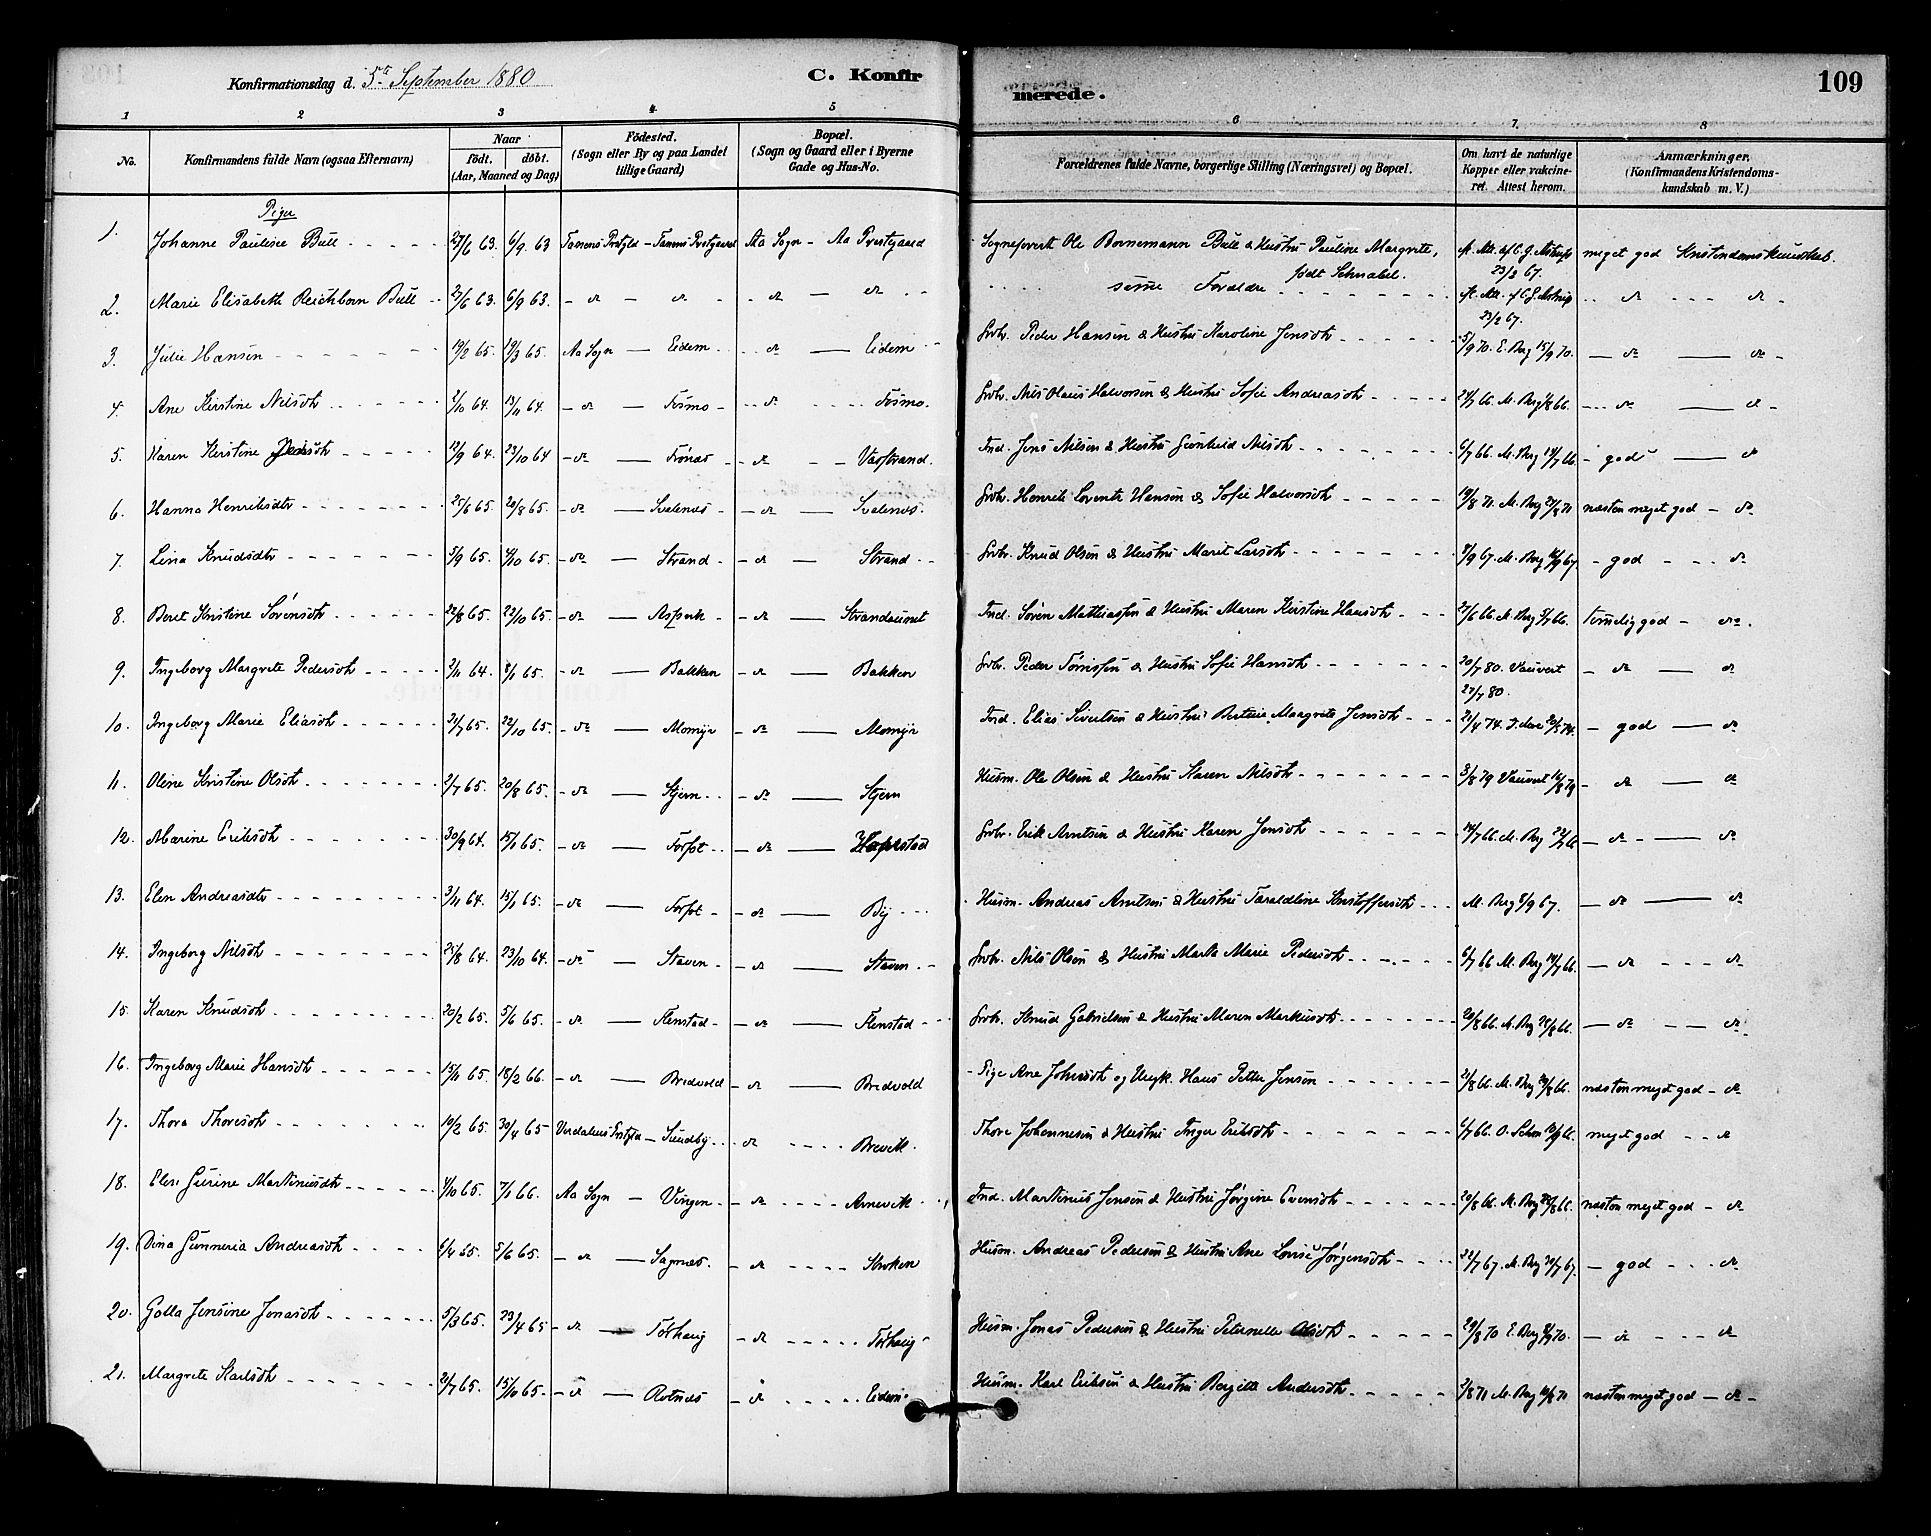 SAT, Ministerialprotokoller, klokkerbøker og fødselsregistre - Sør-Trøndelag, 655/L0680: Ministerialbok nr. 655A09, 1880-1894, s. 109